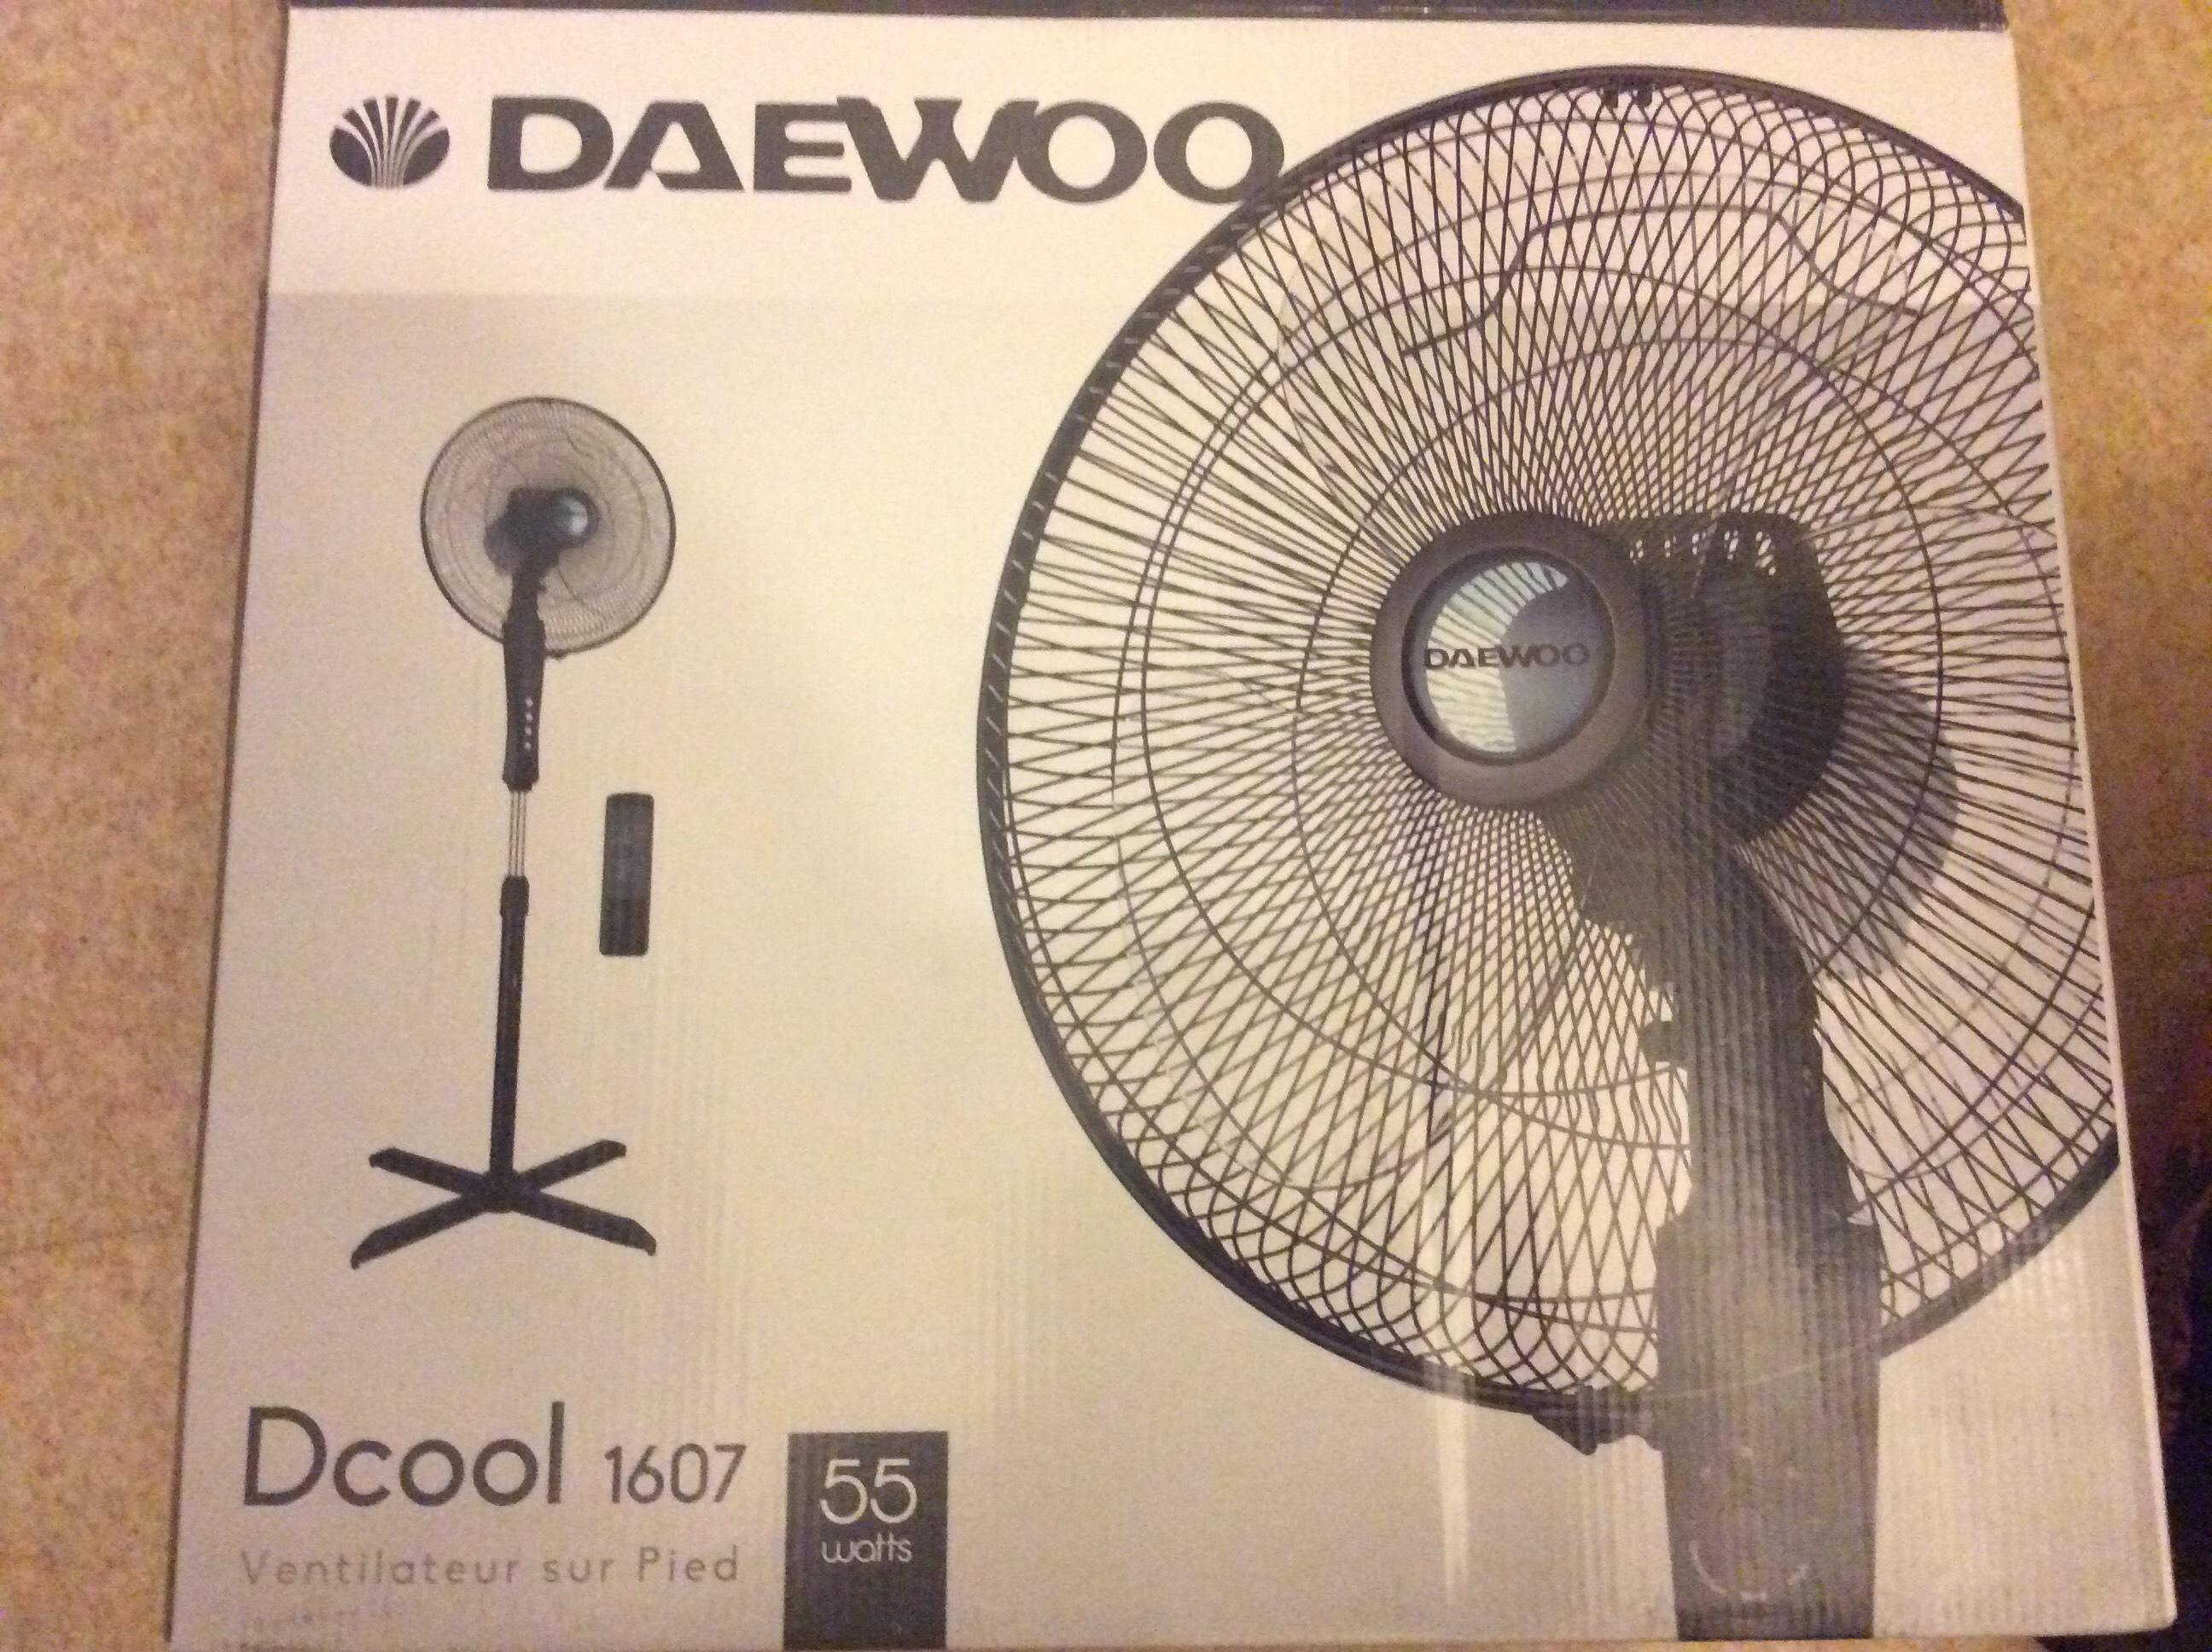 Lot de 2 ventilateurs télécommandés sur pied Daewoo Dcool 1607 (55 W)